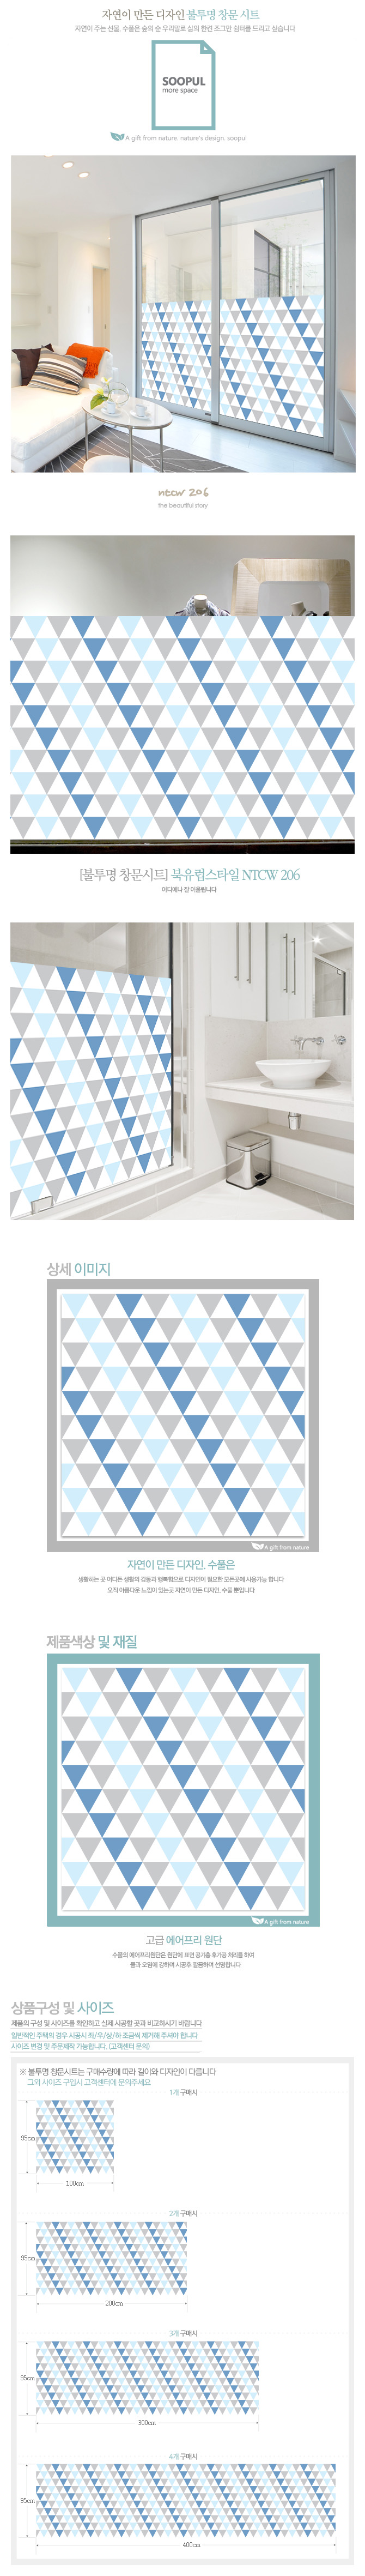 불투명 창문시트지 북유럽 스타일 NTCW 206 - 수풀, 19,600원, 벽지/시트지, 디자인 시트지